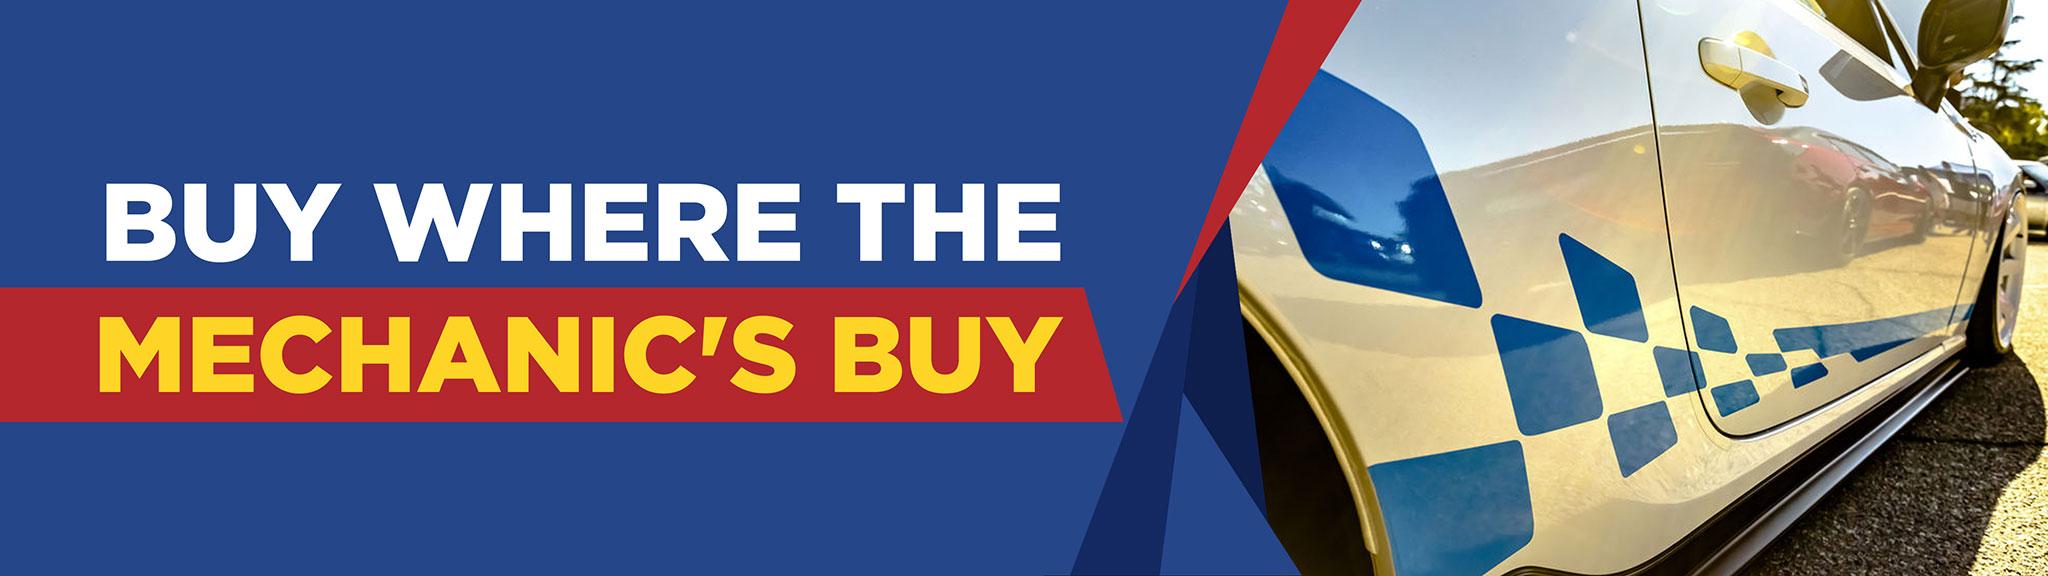 online car parts shop banner